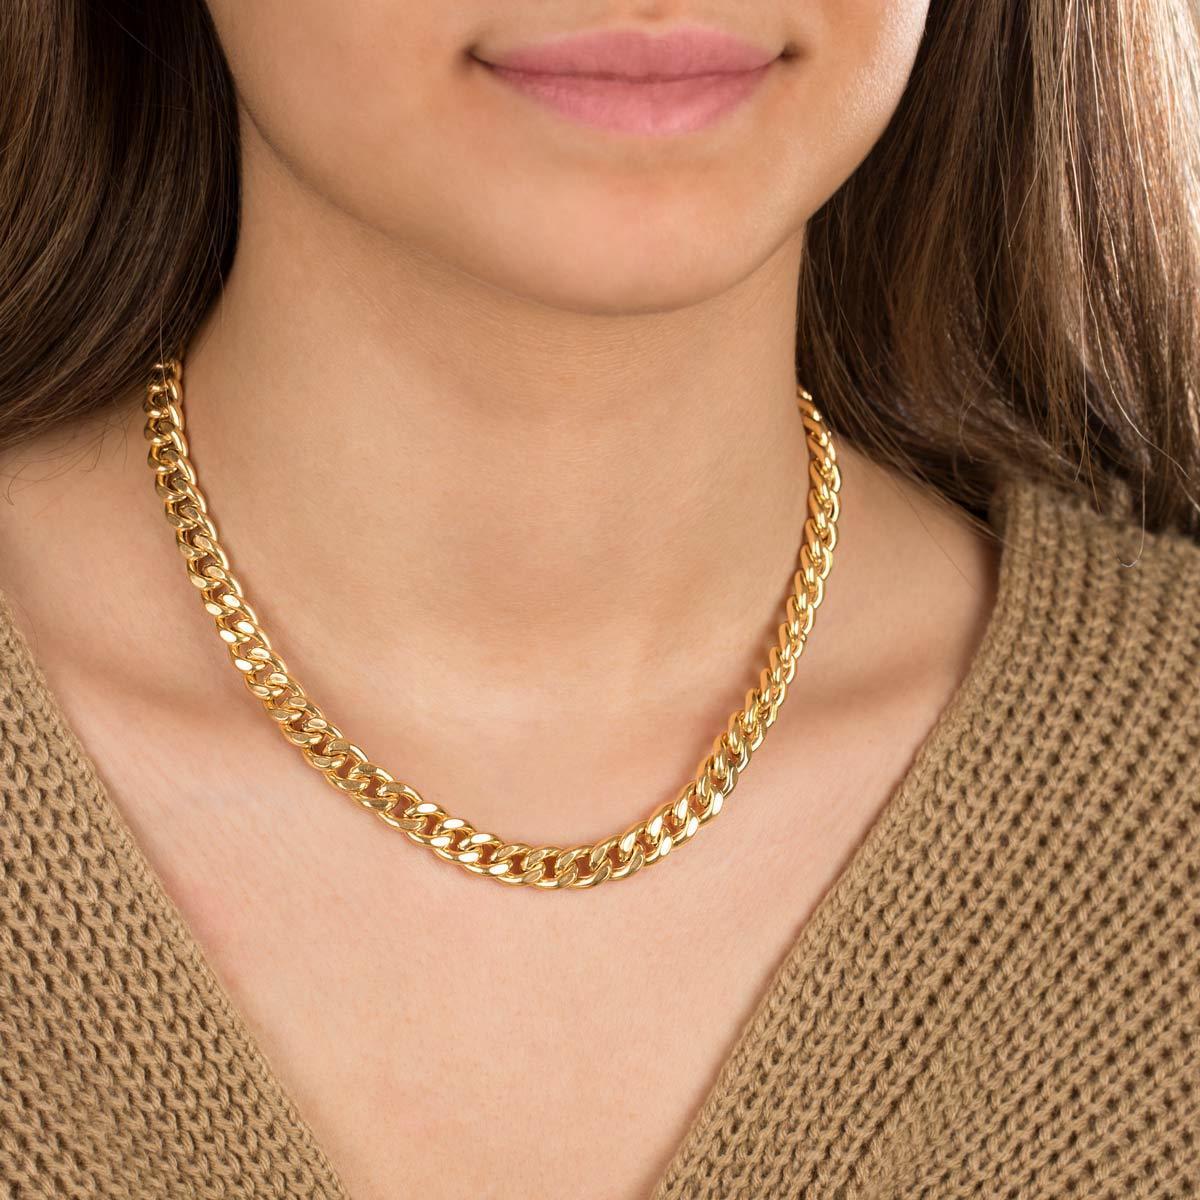 زنجیر گردنبند طلا کارتیه سایز 4